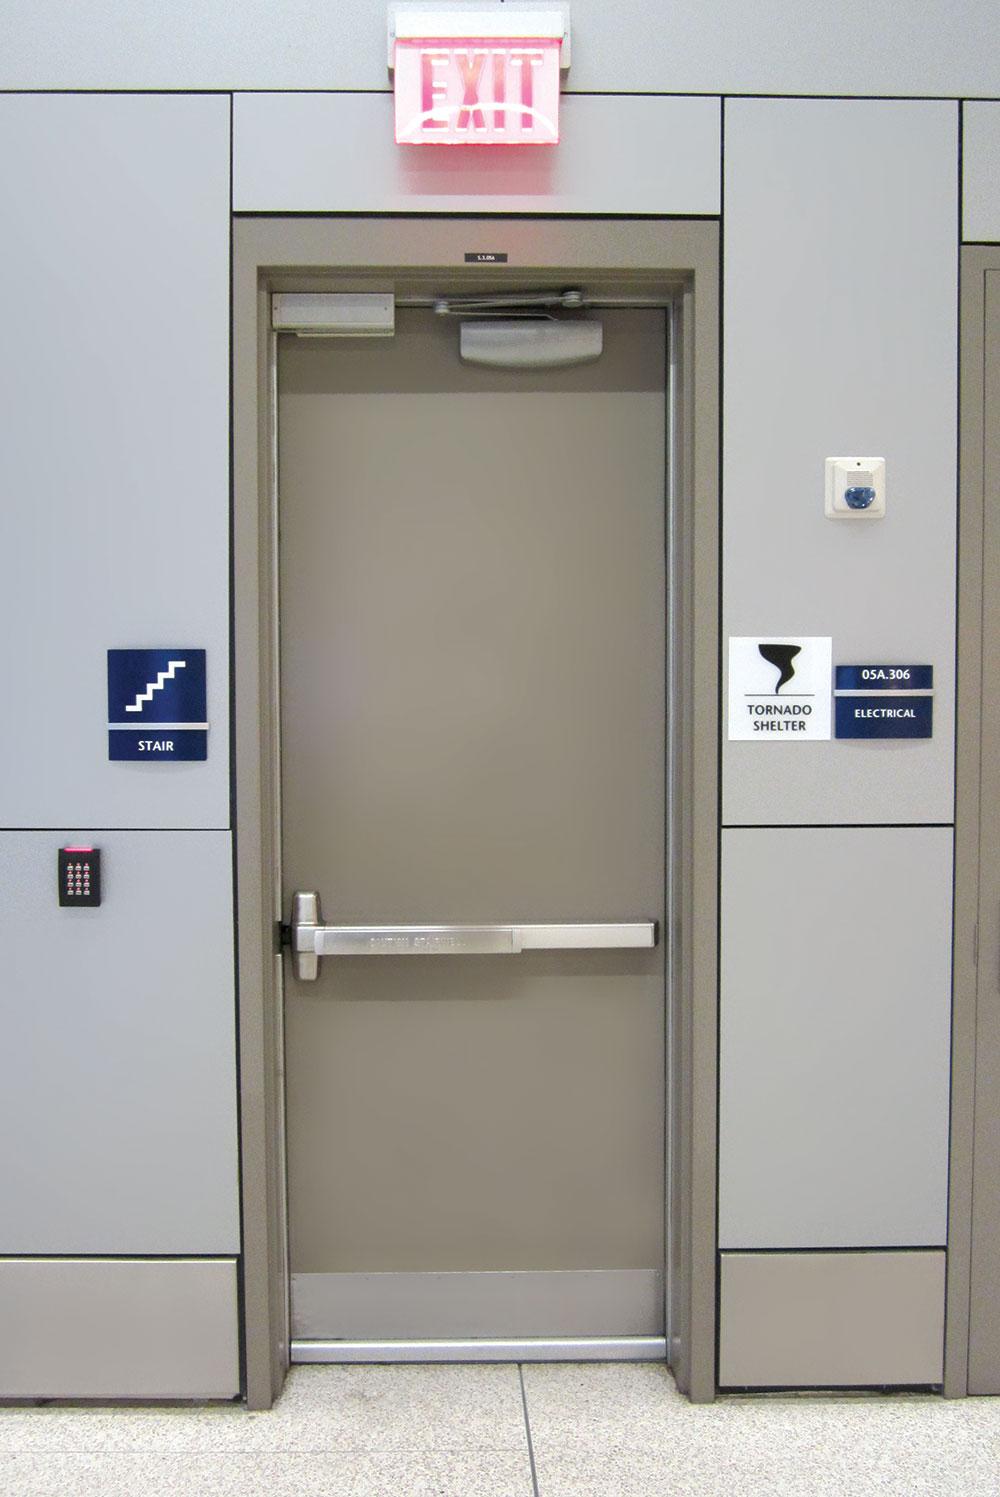 Kako bi protivpožarna vrata bila efikasna svaki detalj mora biti izrađen sa velikom pažnjom i savršeno prijanjati